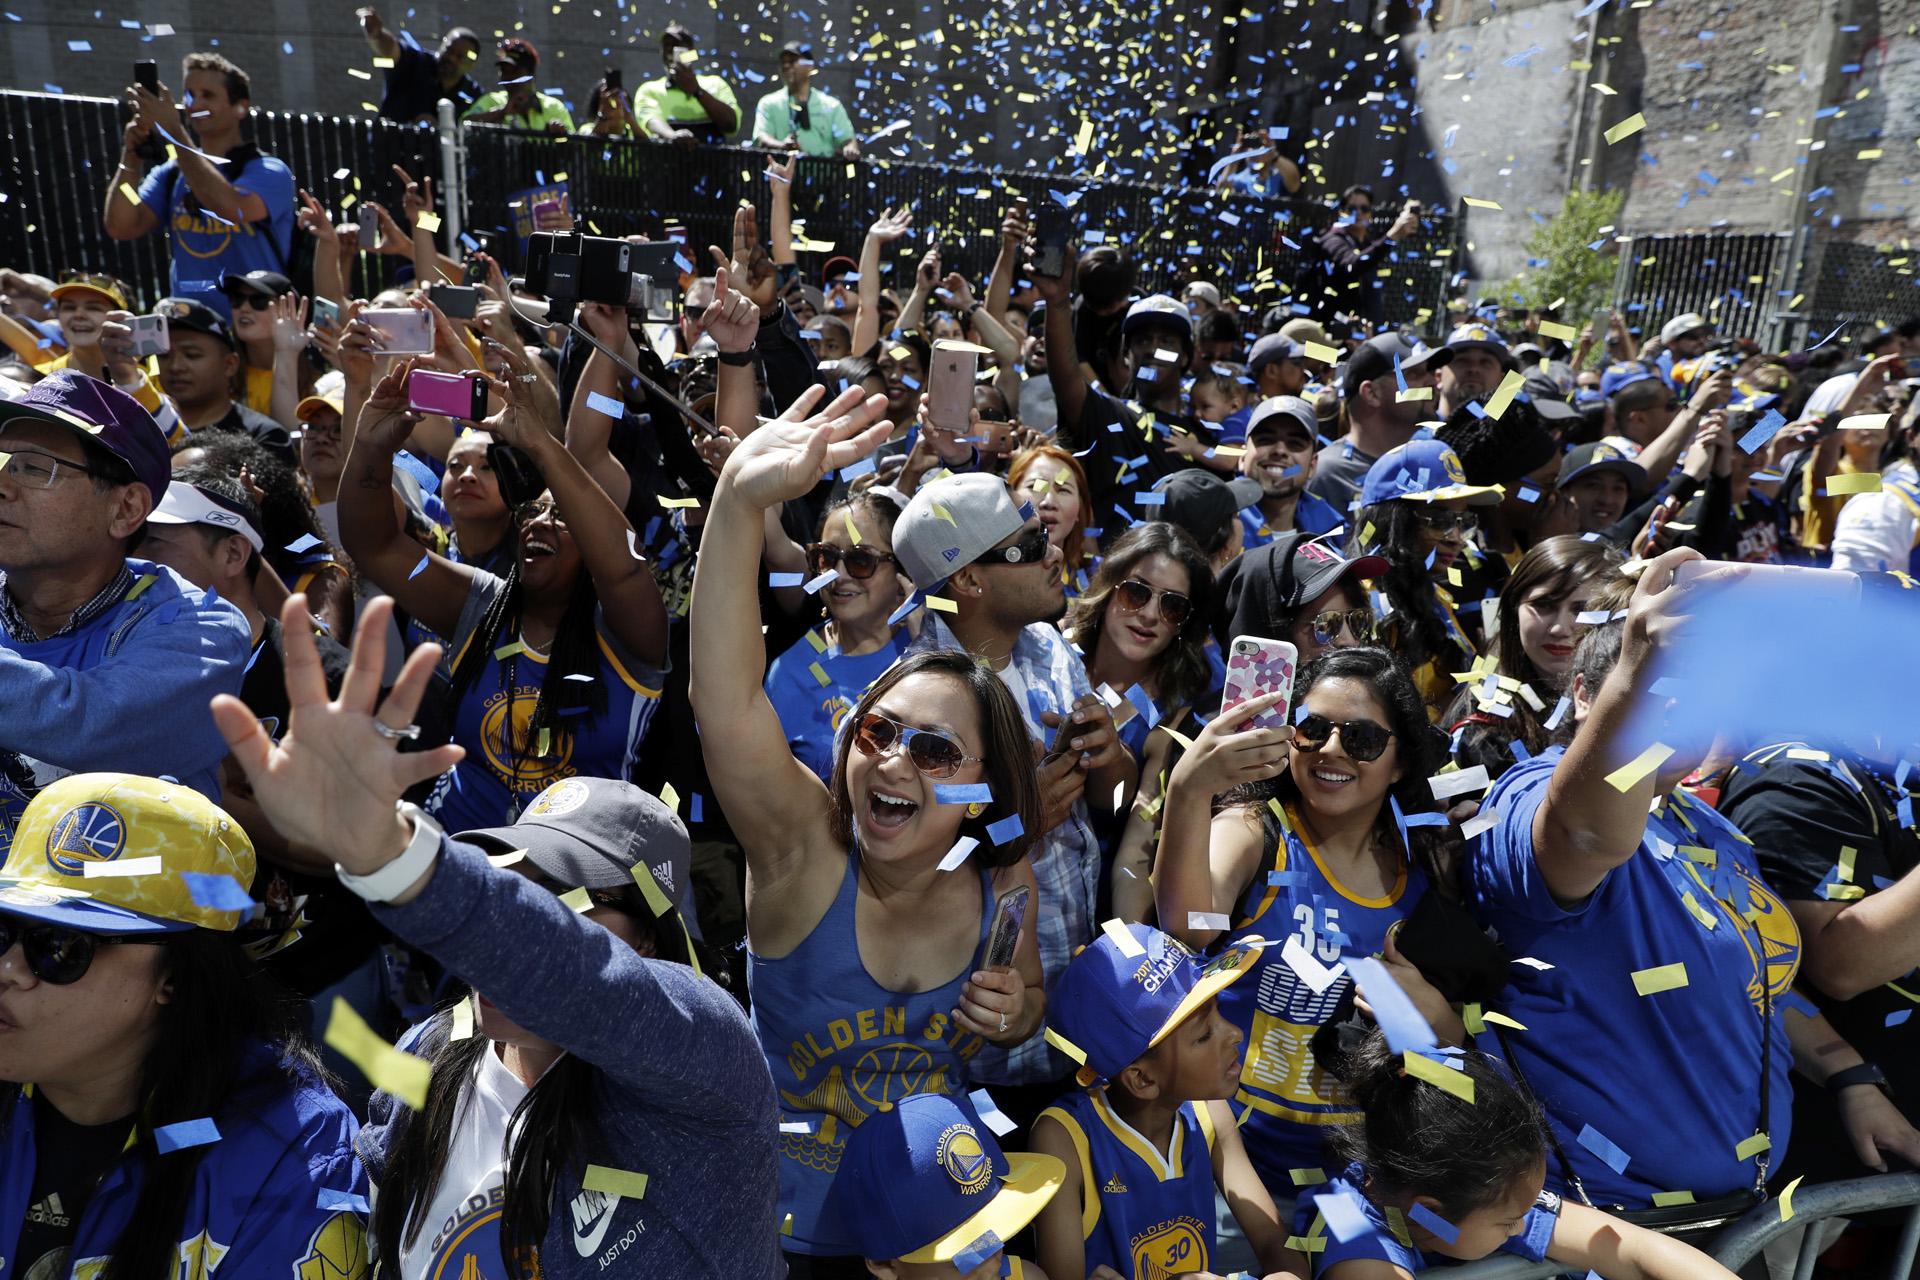 Los campeones recorrieron las calles de Oakland en un bus destechado